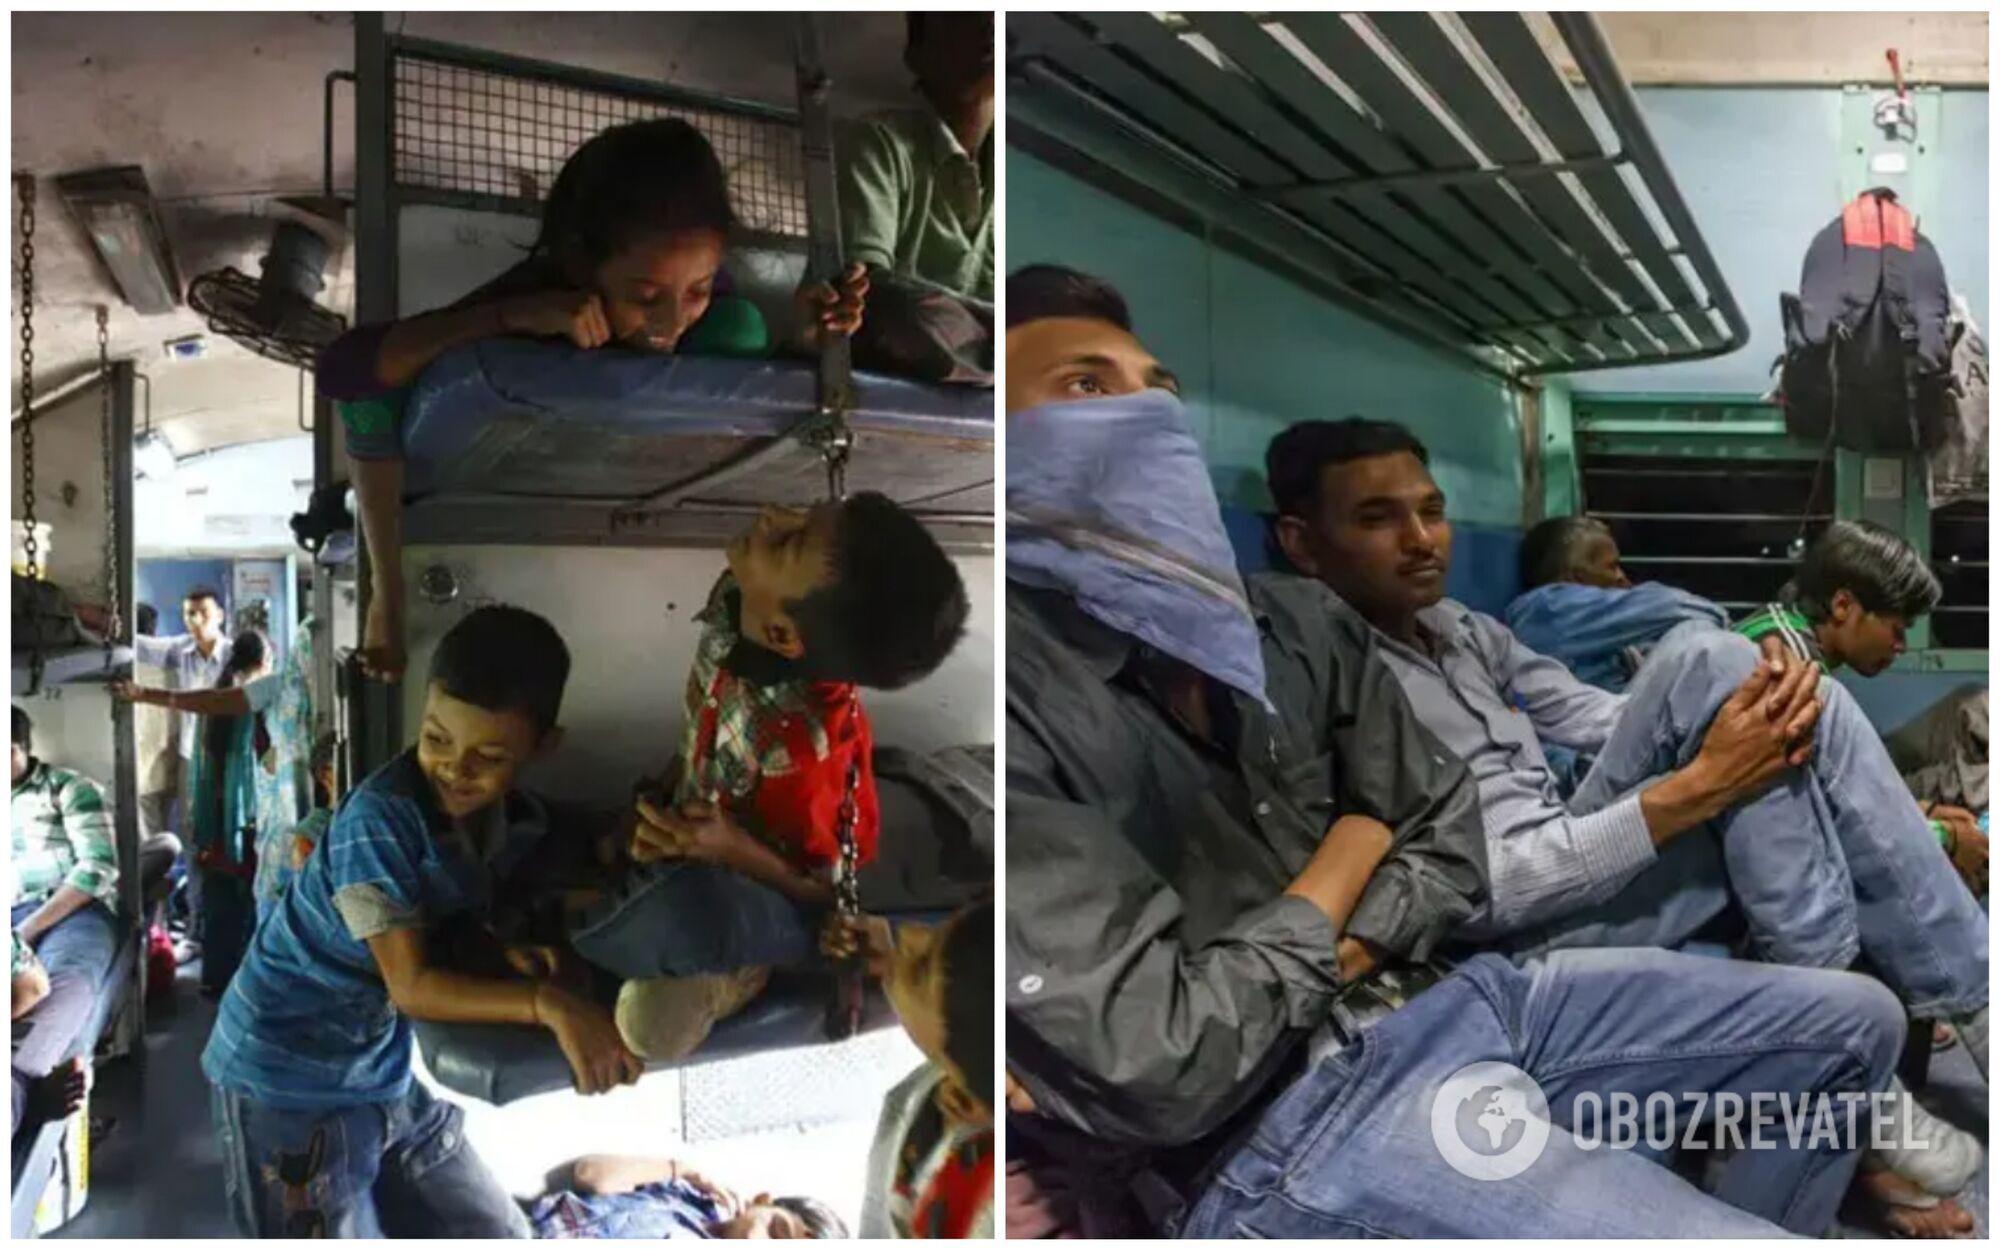 Індійський плацкарт викличе шок навіть в українців, які звикли до забитих вагонів у 30-градусну спеку